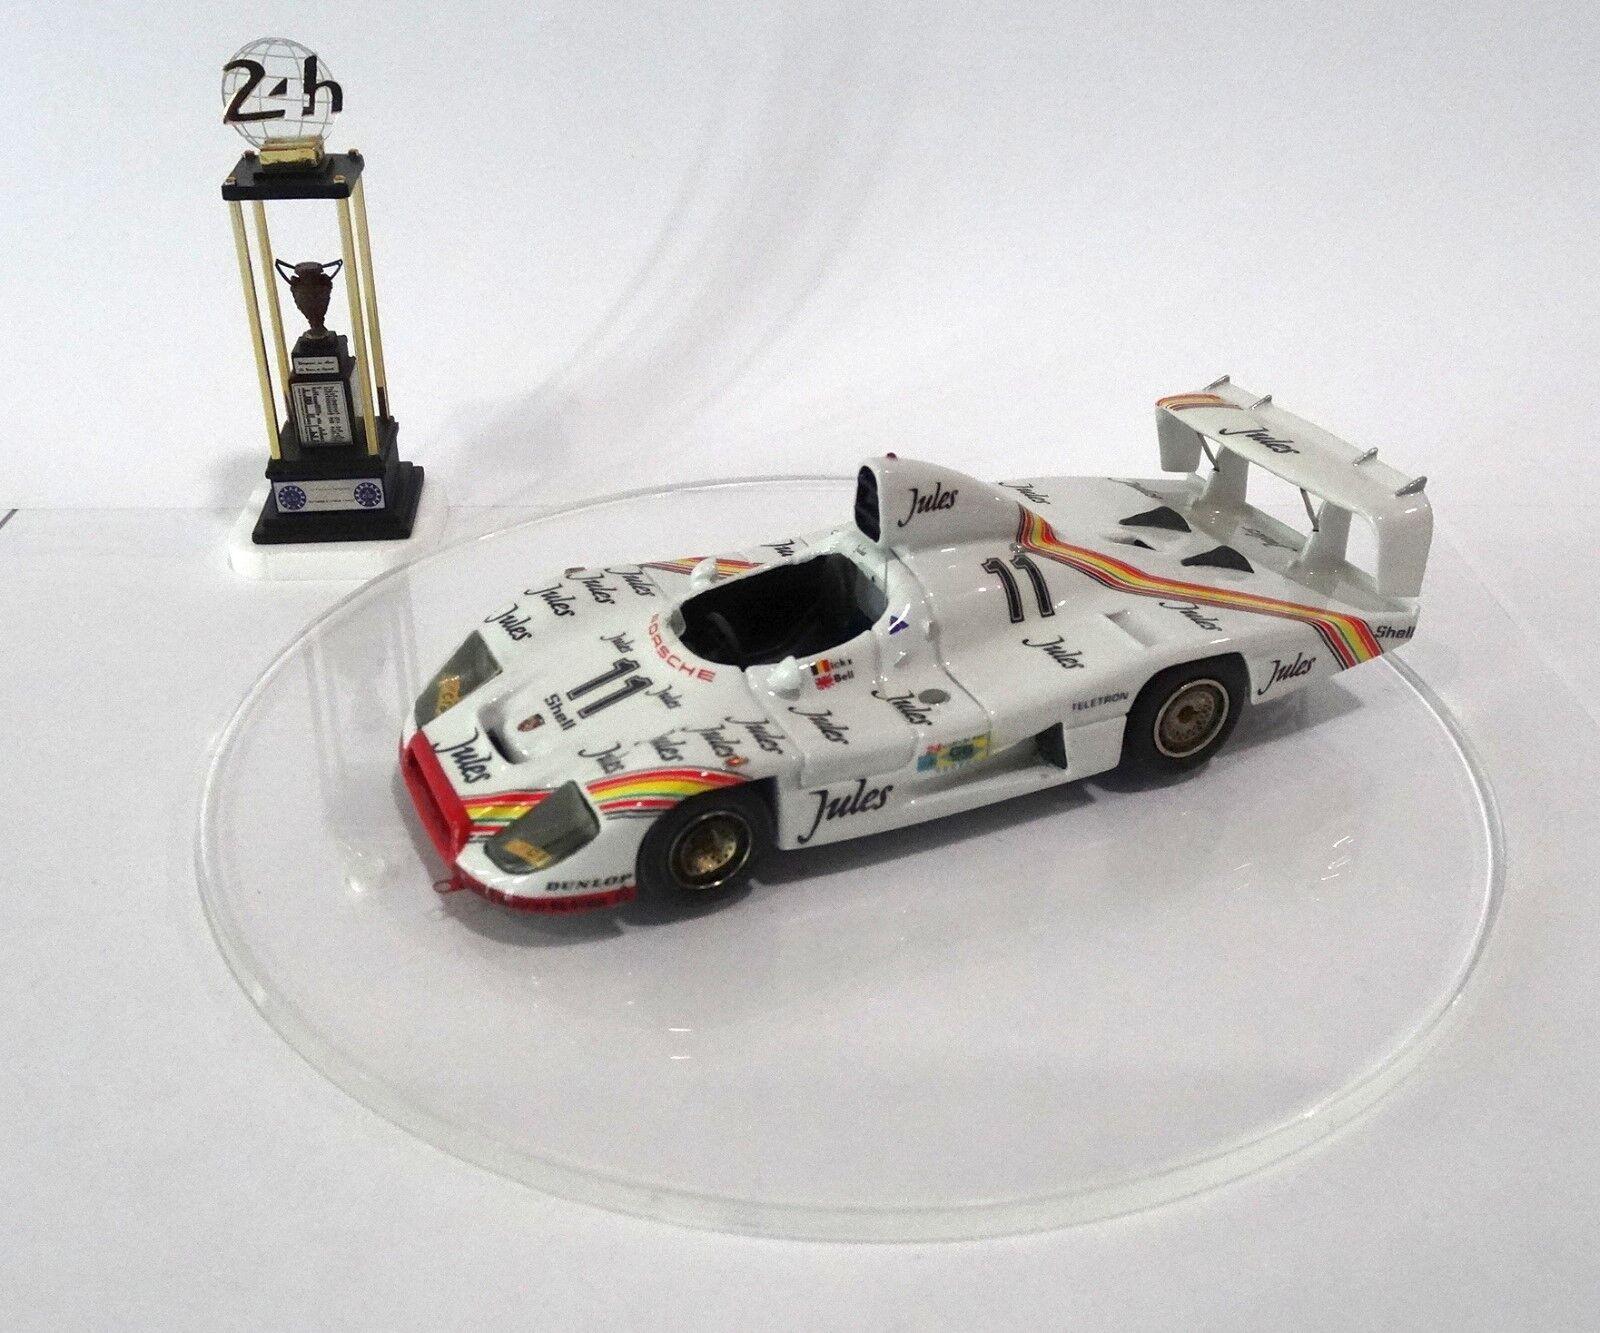 PORSCHE 936-81  11 JULES Le Mans 1981 Built Monté Kit 1 43 no spark MINICHAMPS